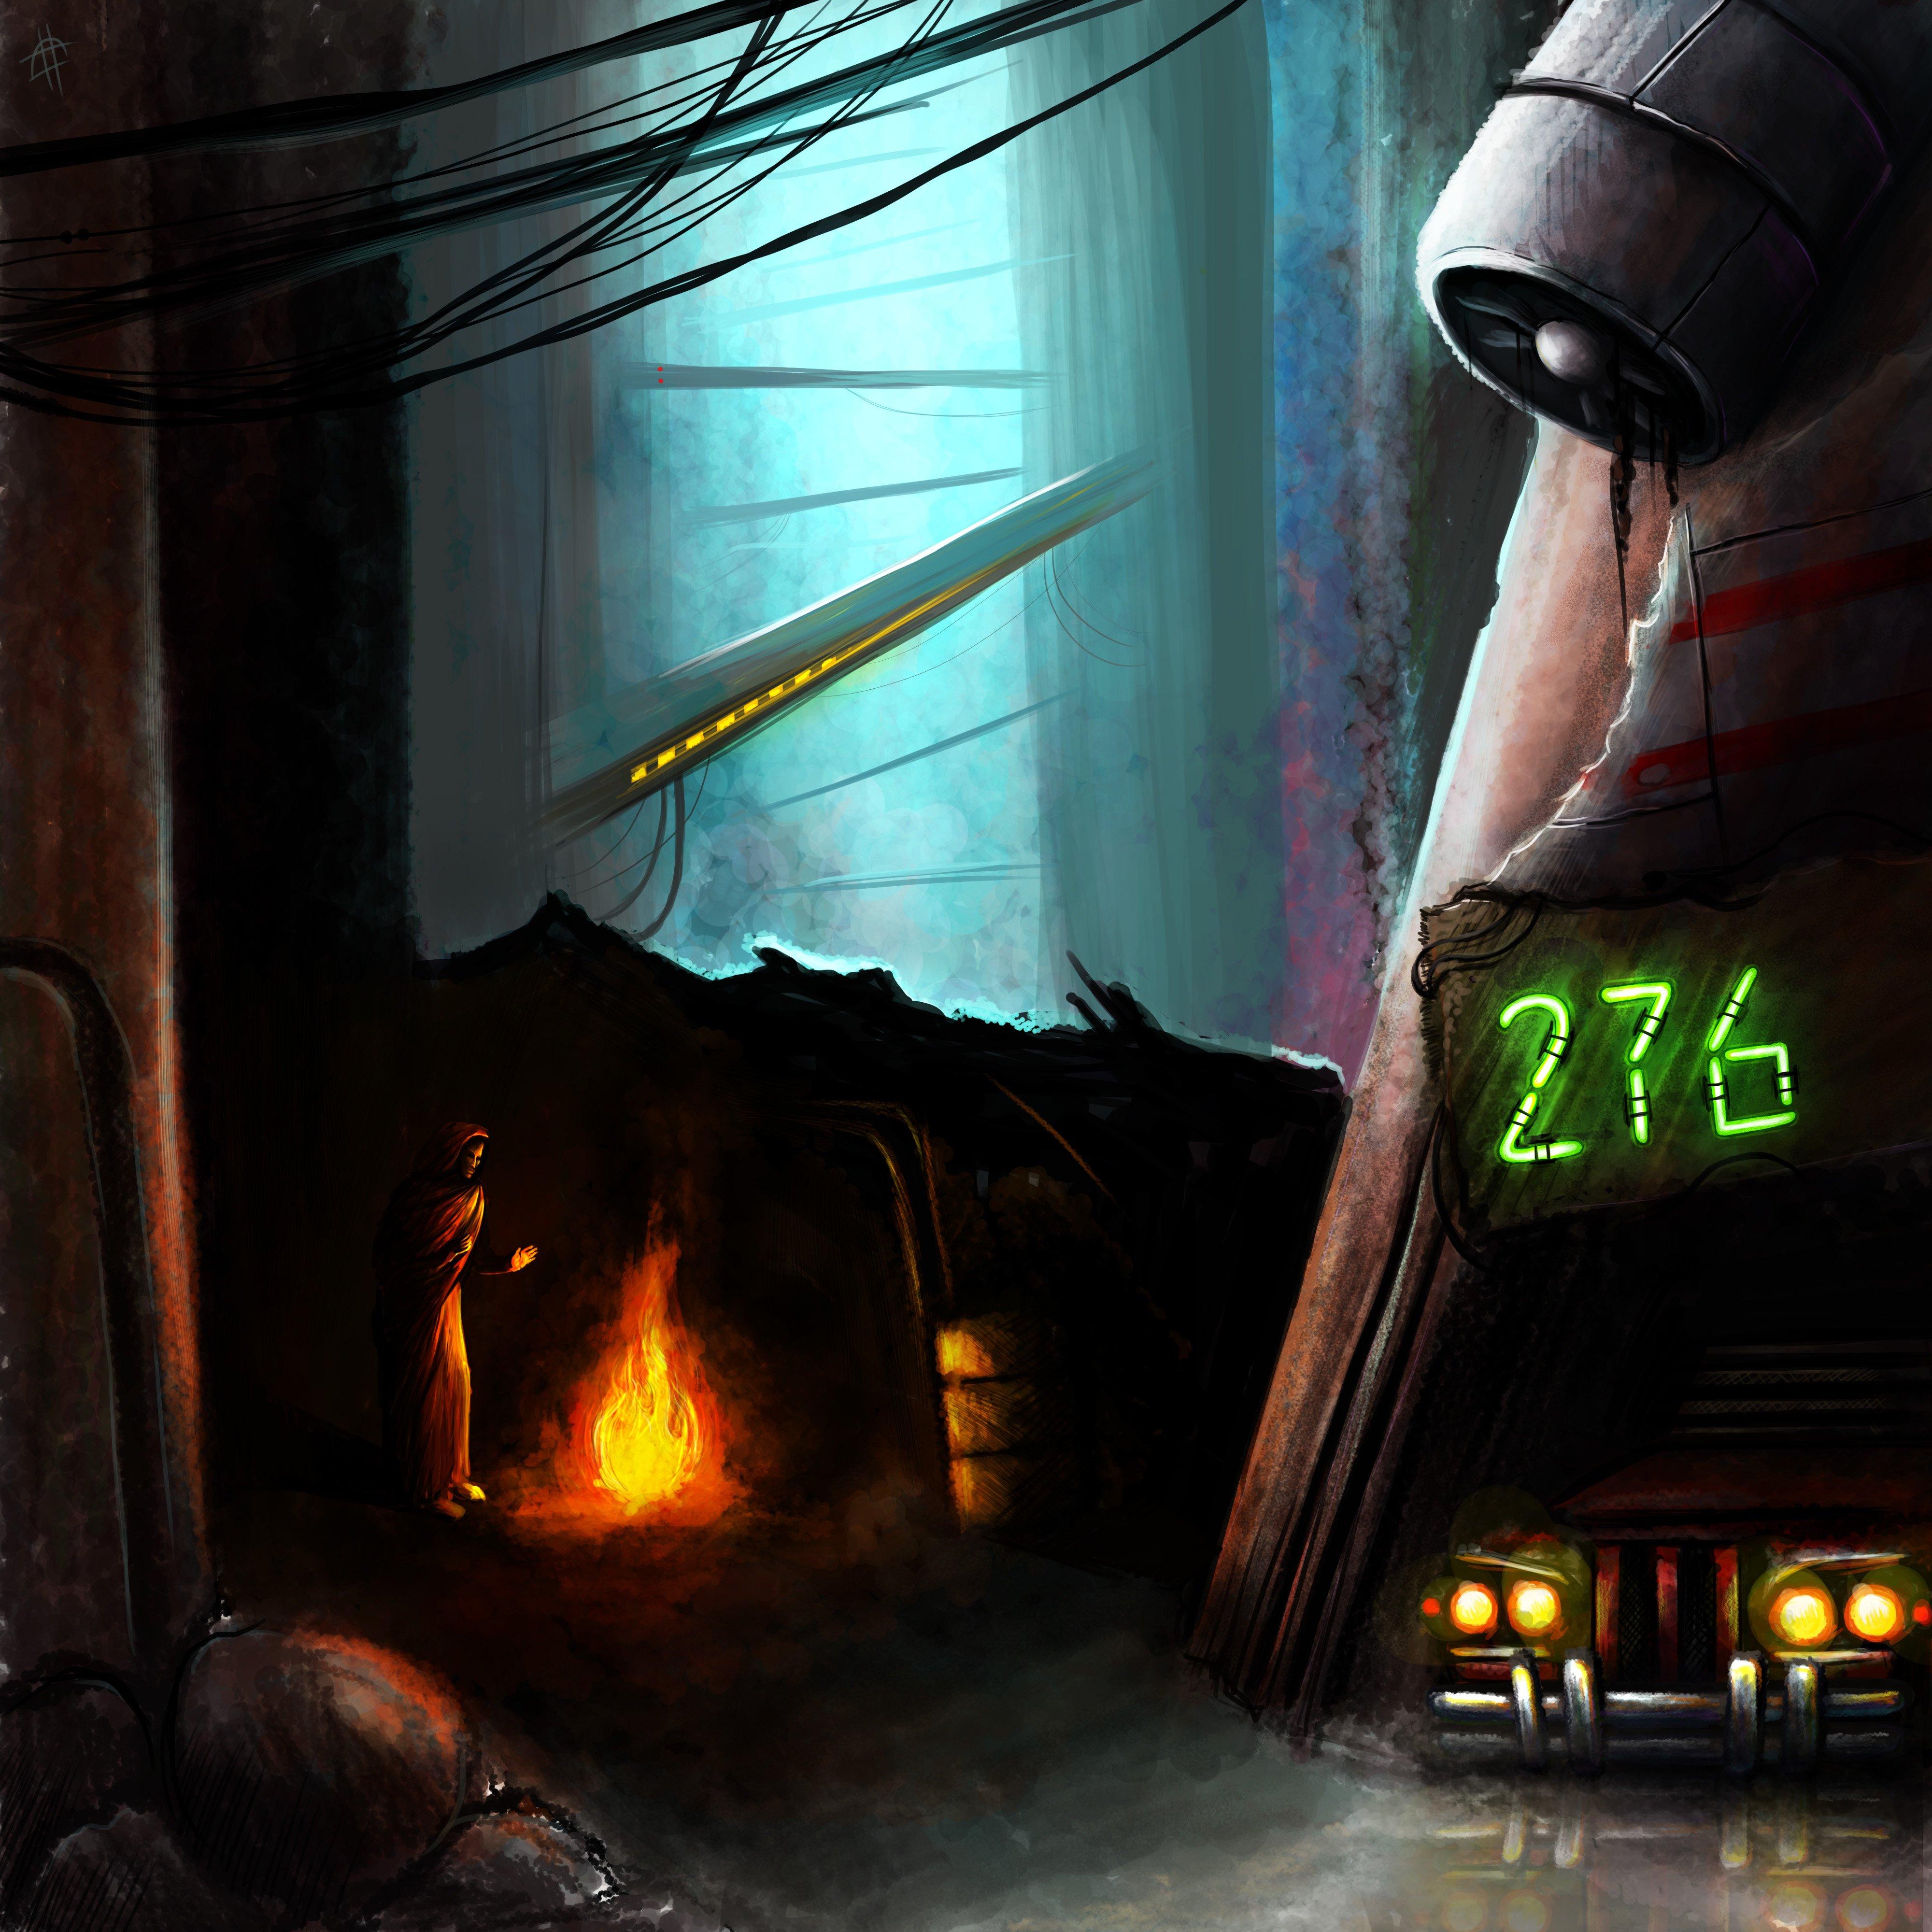 Прошлой ночью мне приснился очень крутой сон, где фигурировали киберпанково-постапокалиптические пейзажи. Один я поп ... - Изображение 1